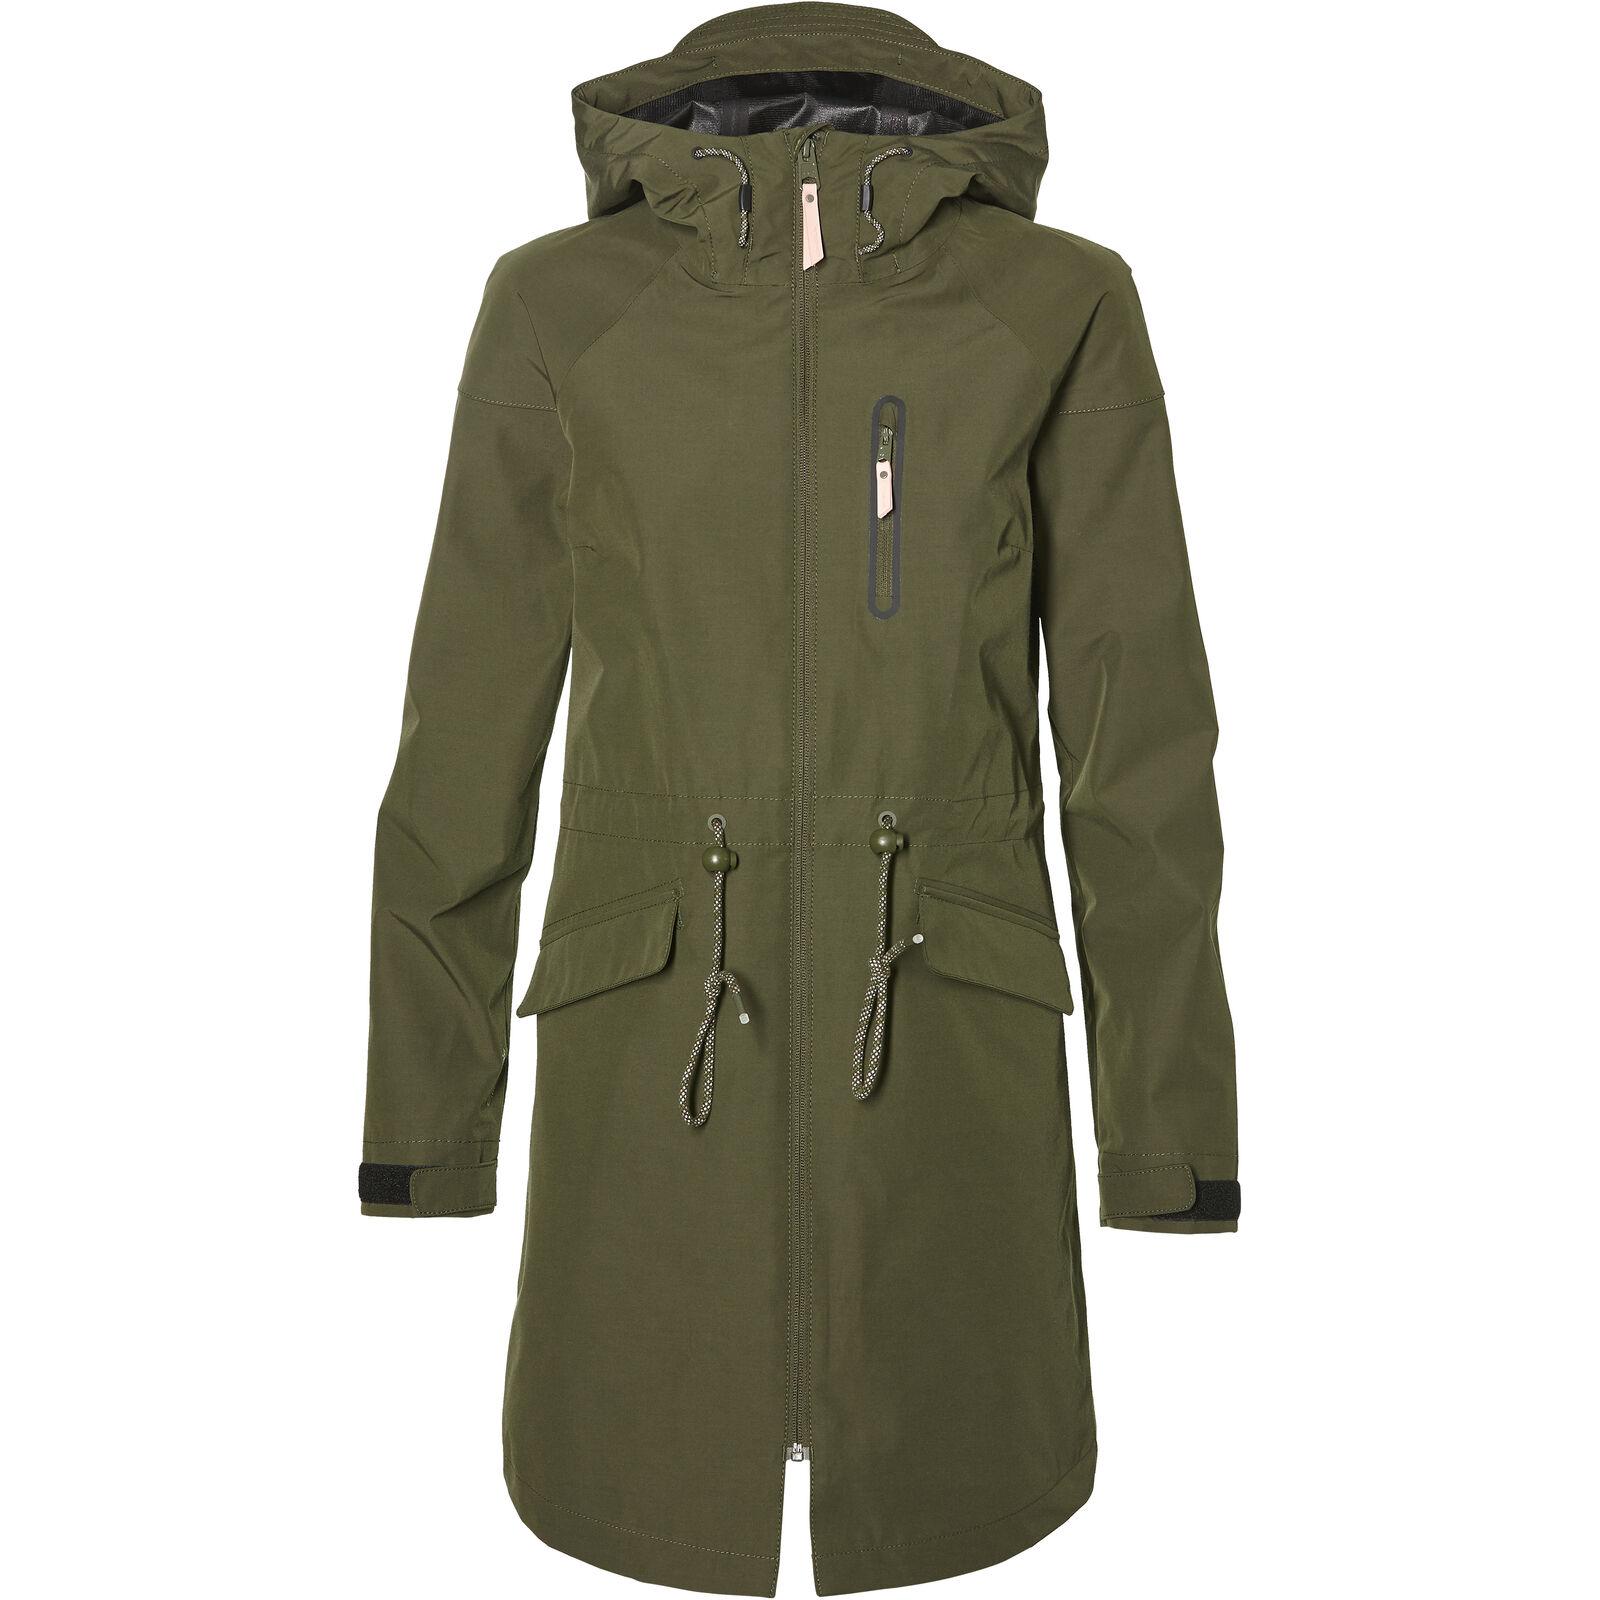 O 'Neill función chaqueta chaqueta LW Storm Chaser Jacket verde oscuro